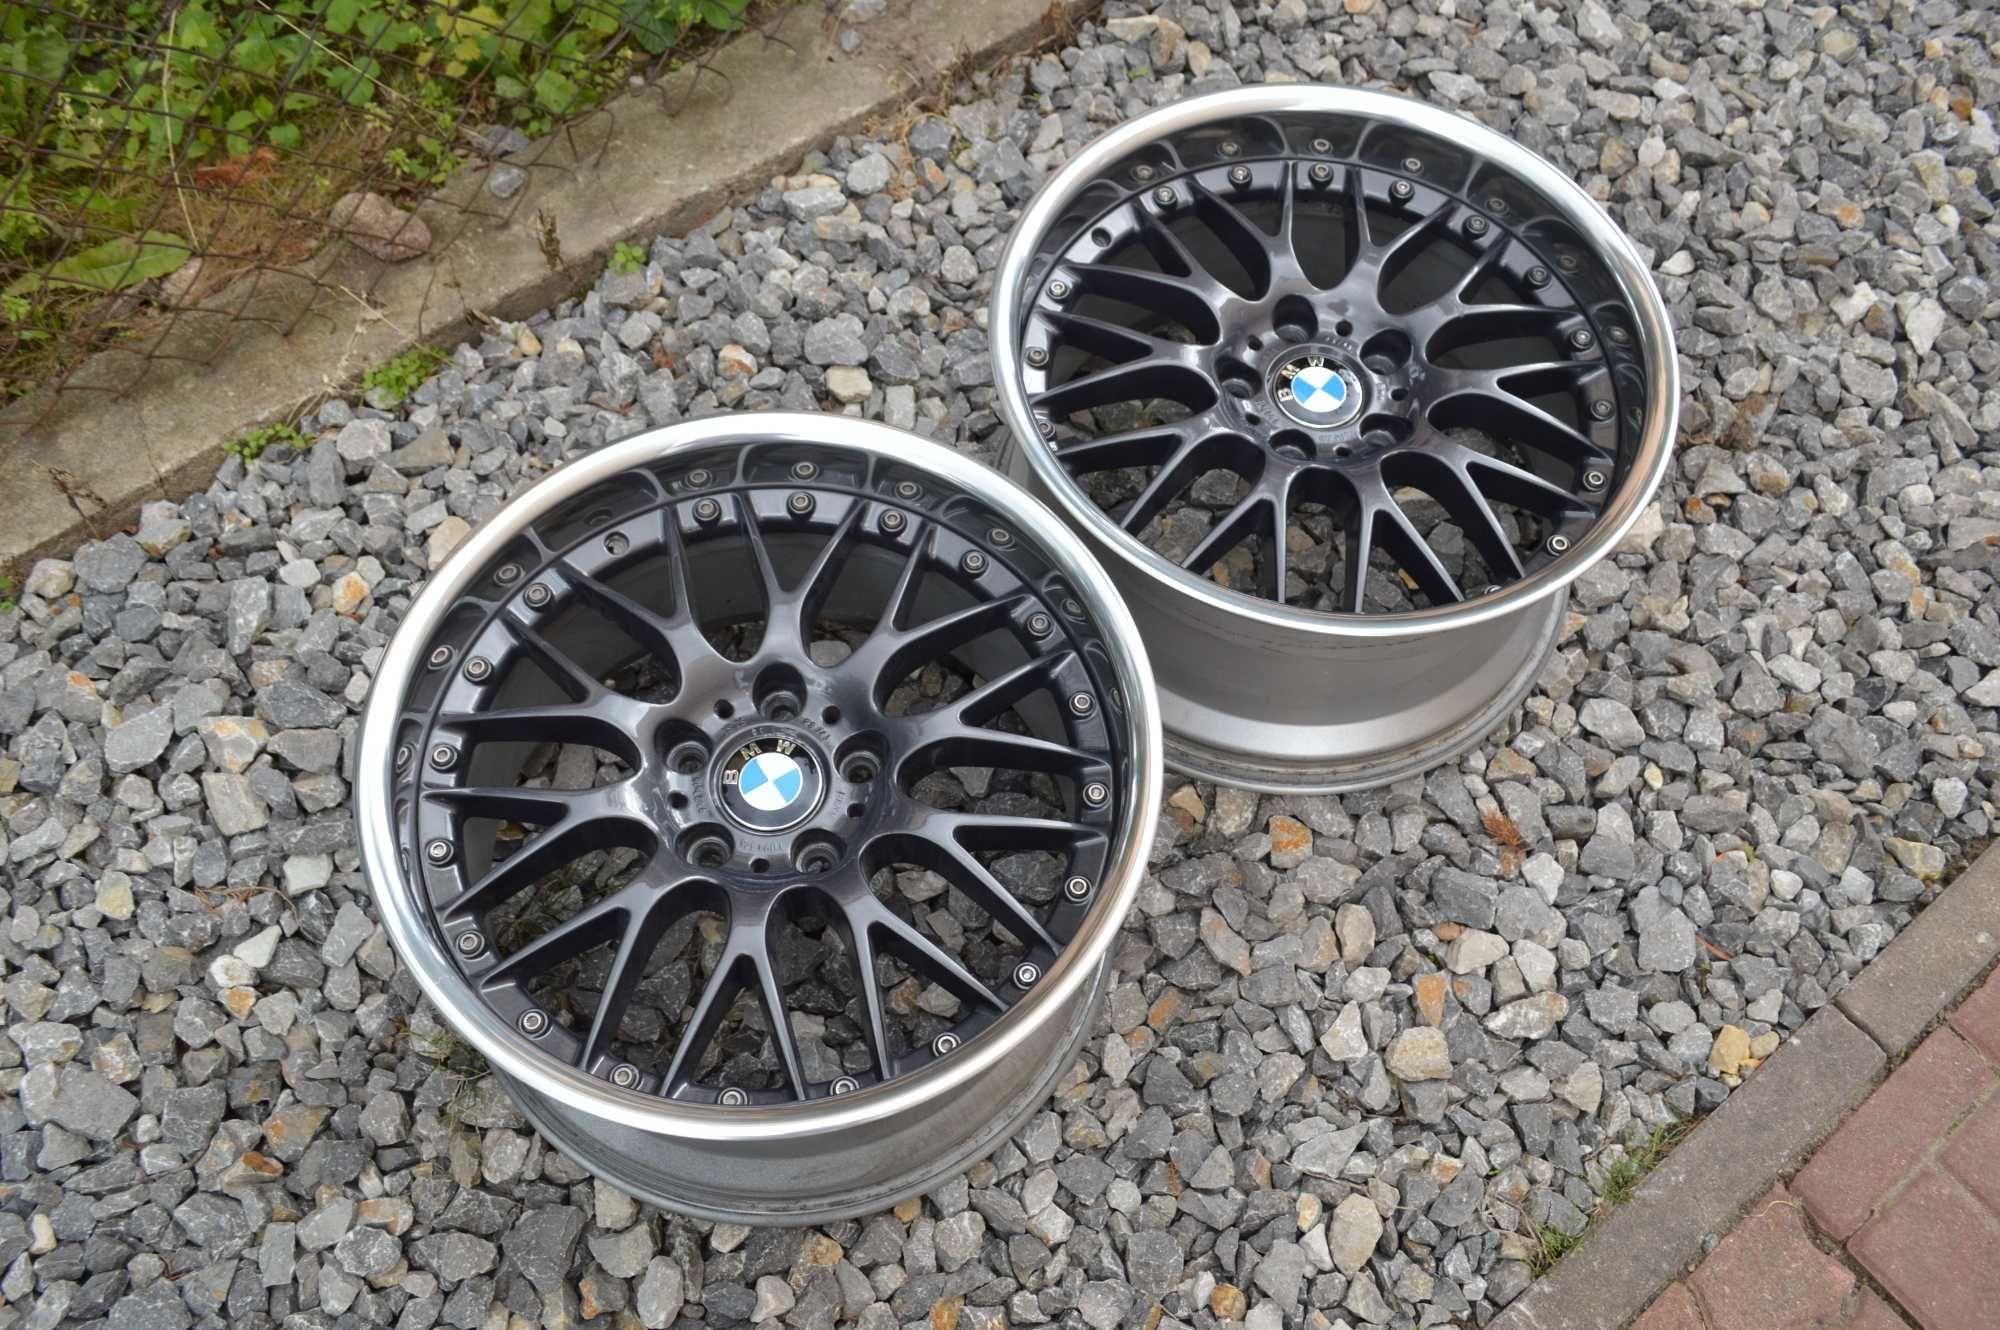 """2x BBS RS 743 9.5J IS25 18"""" BMW 5x120 Styling 42 1300zł/sztuka"""